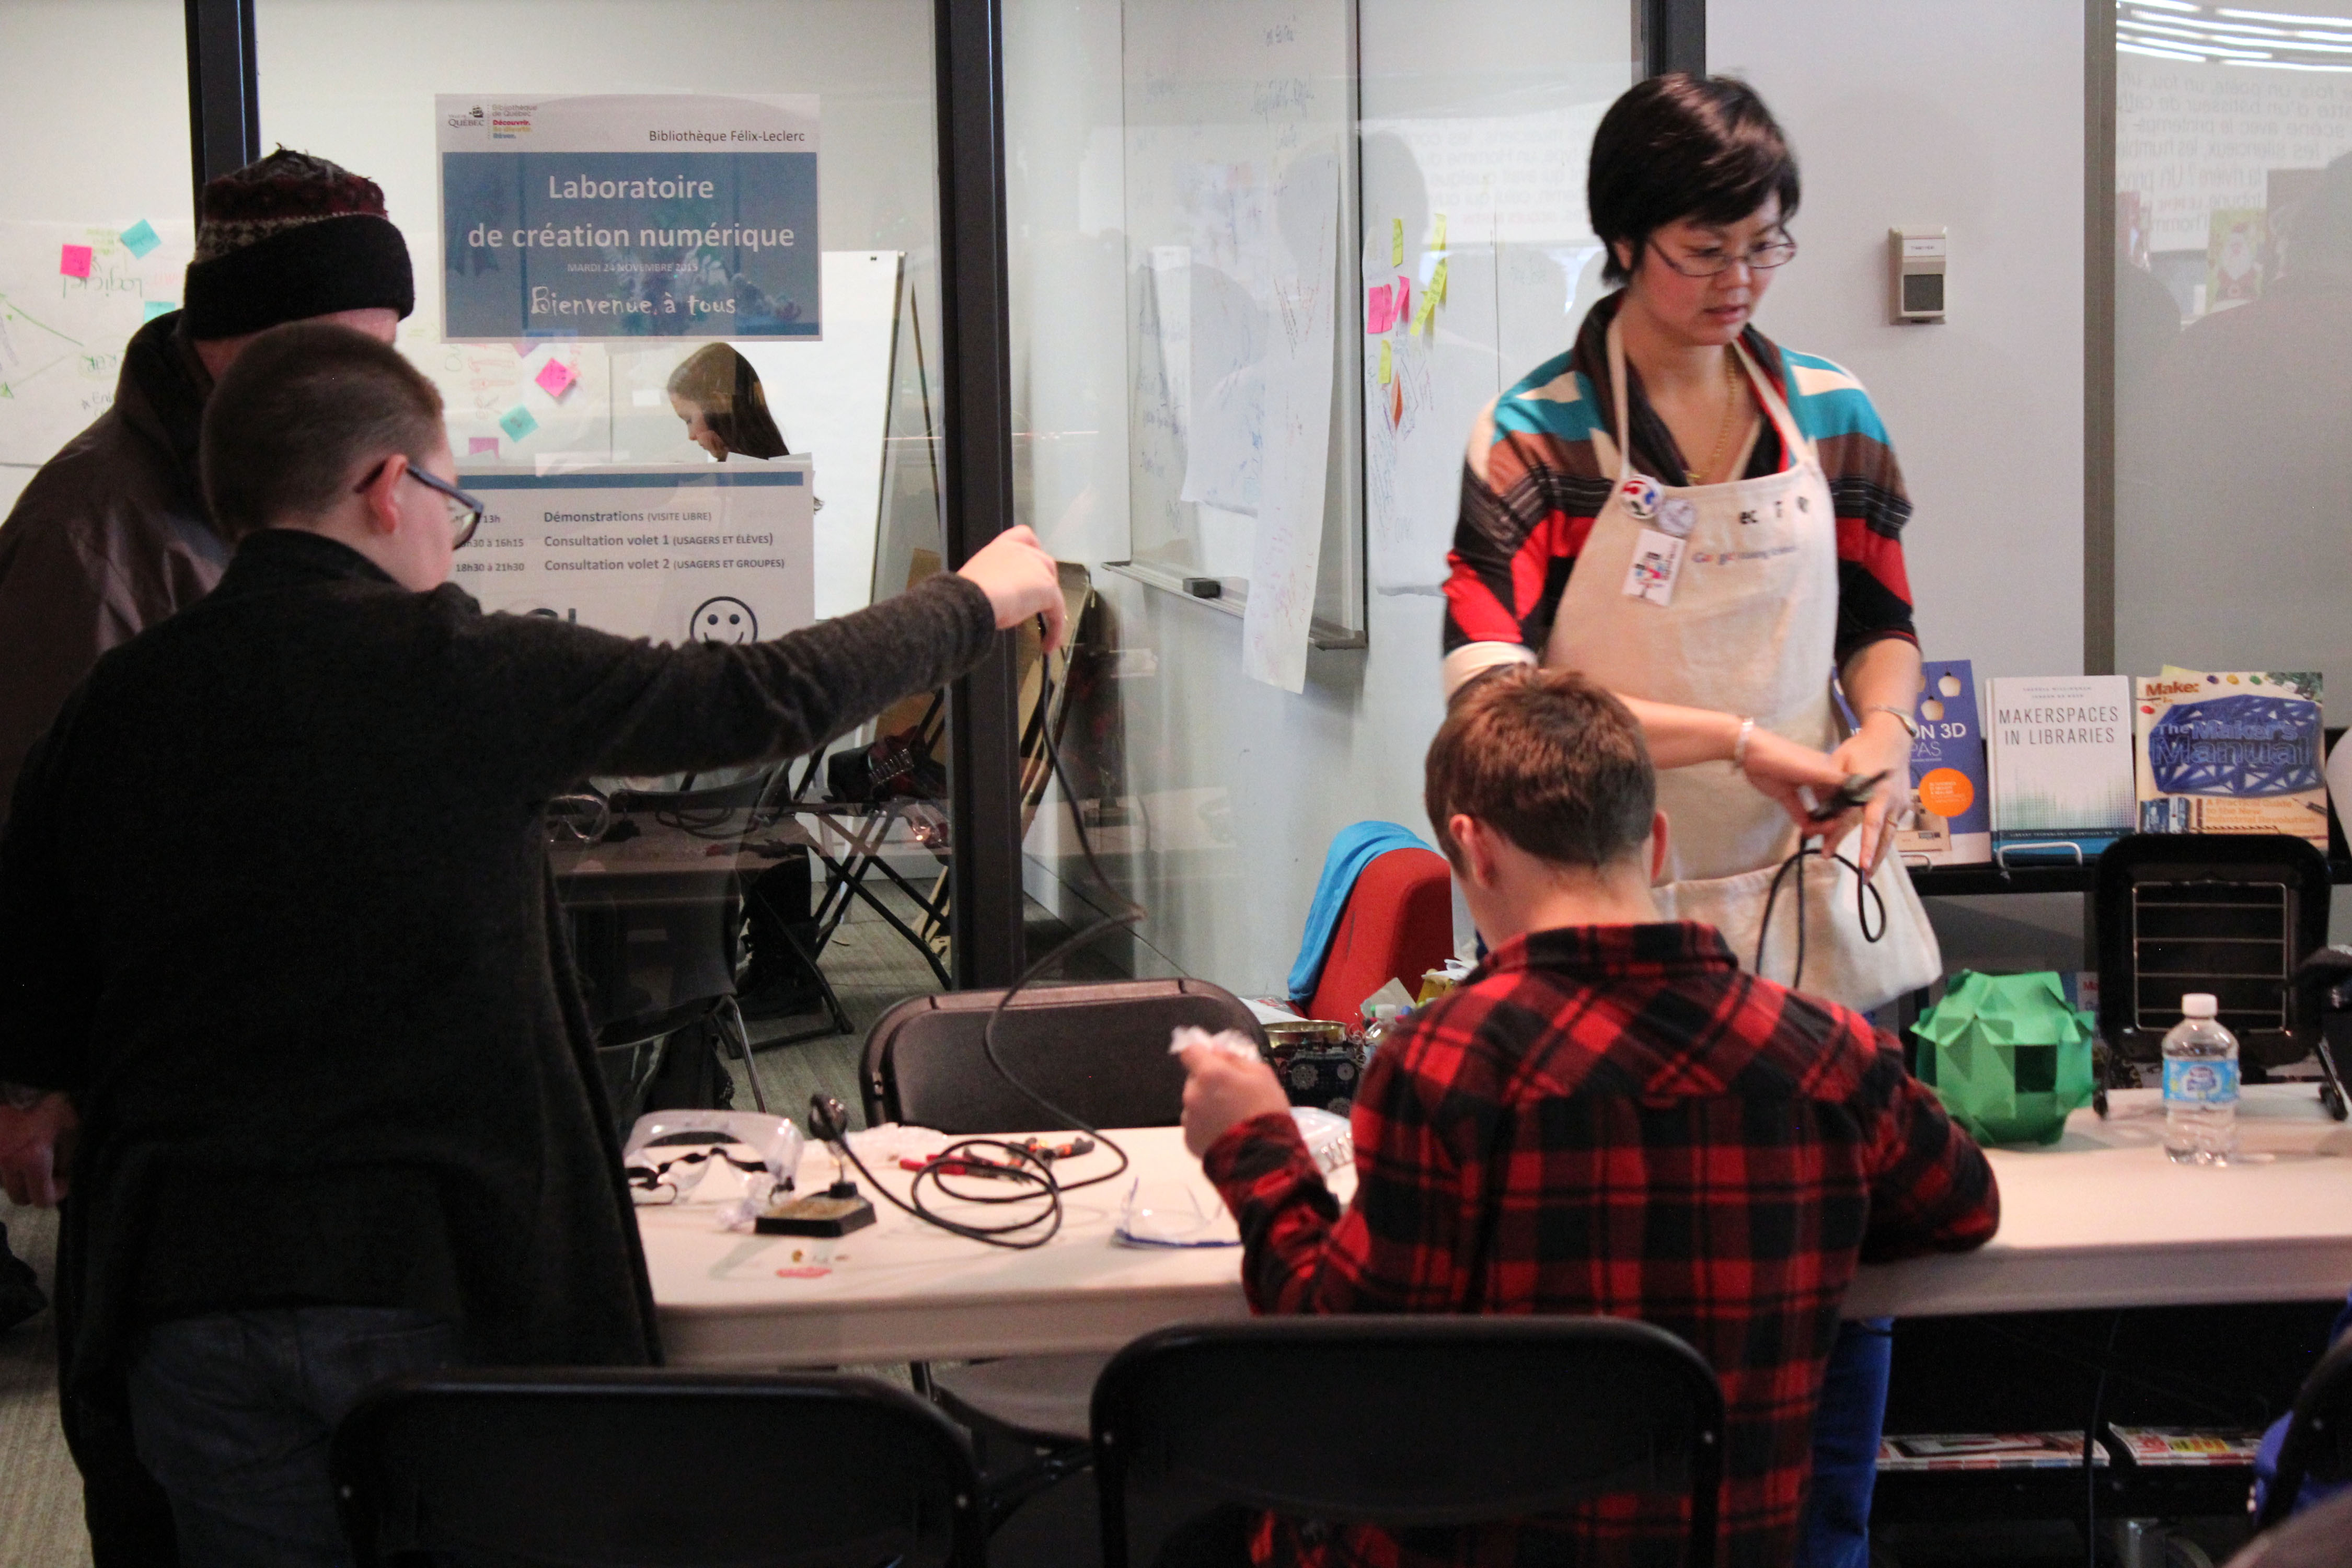 P34 IMG 3138 copie - Démarche de codesign des usages et processus d'implantation de Fab Lab, de Médialab et de makerspace, dans les institutions culturelles québécoises